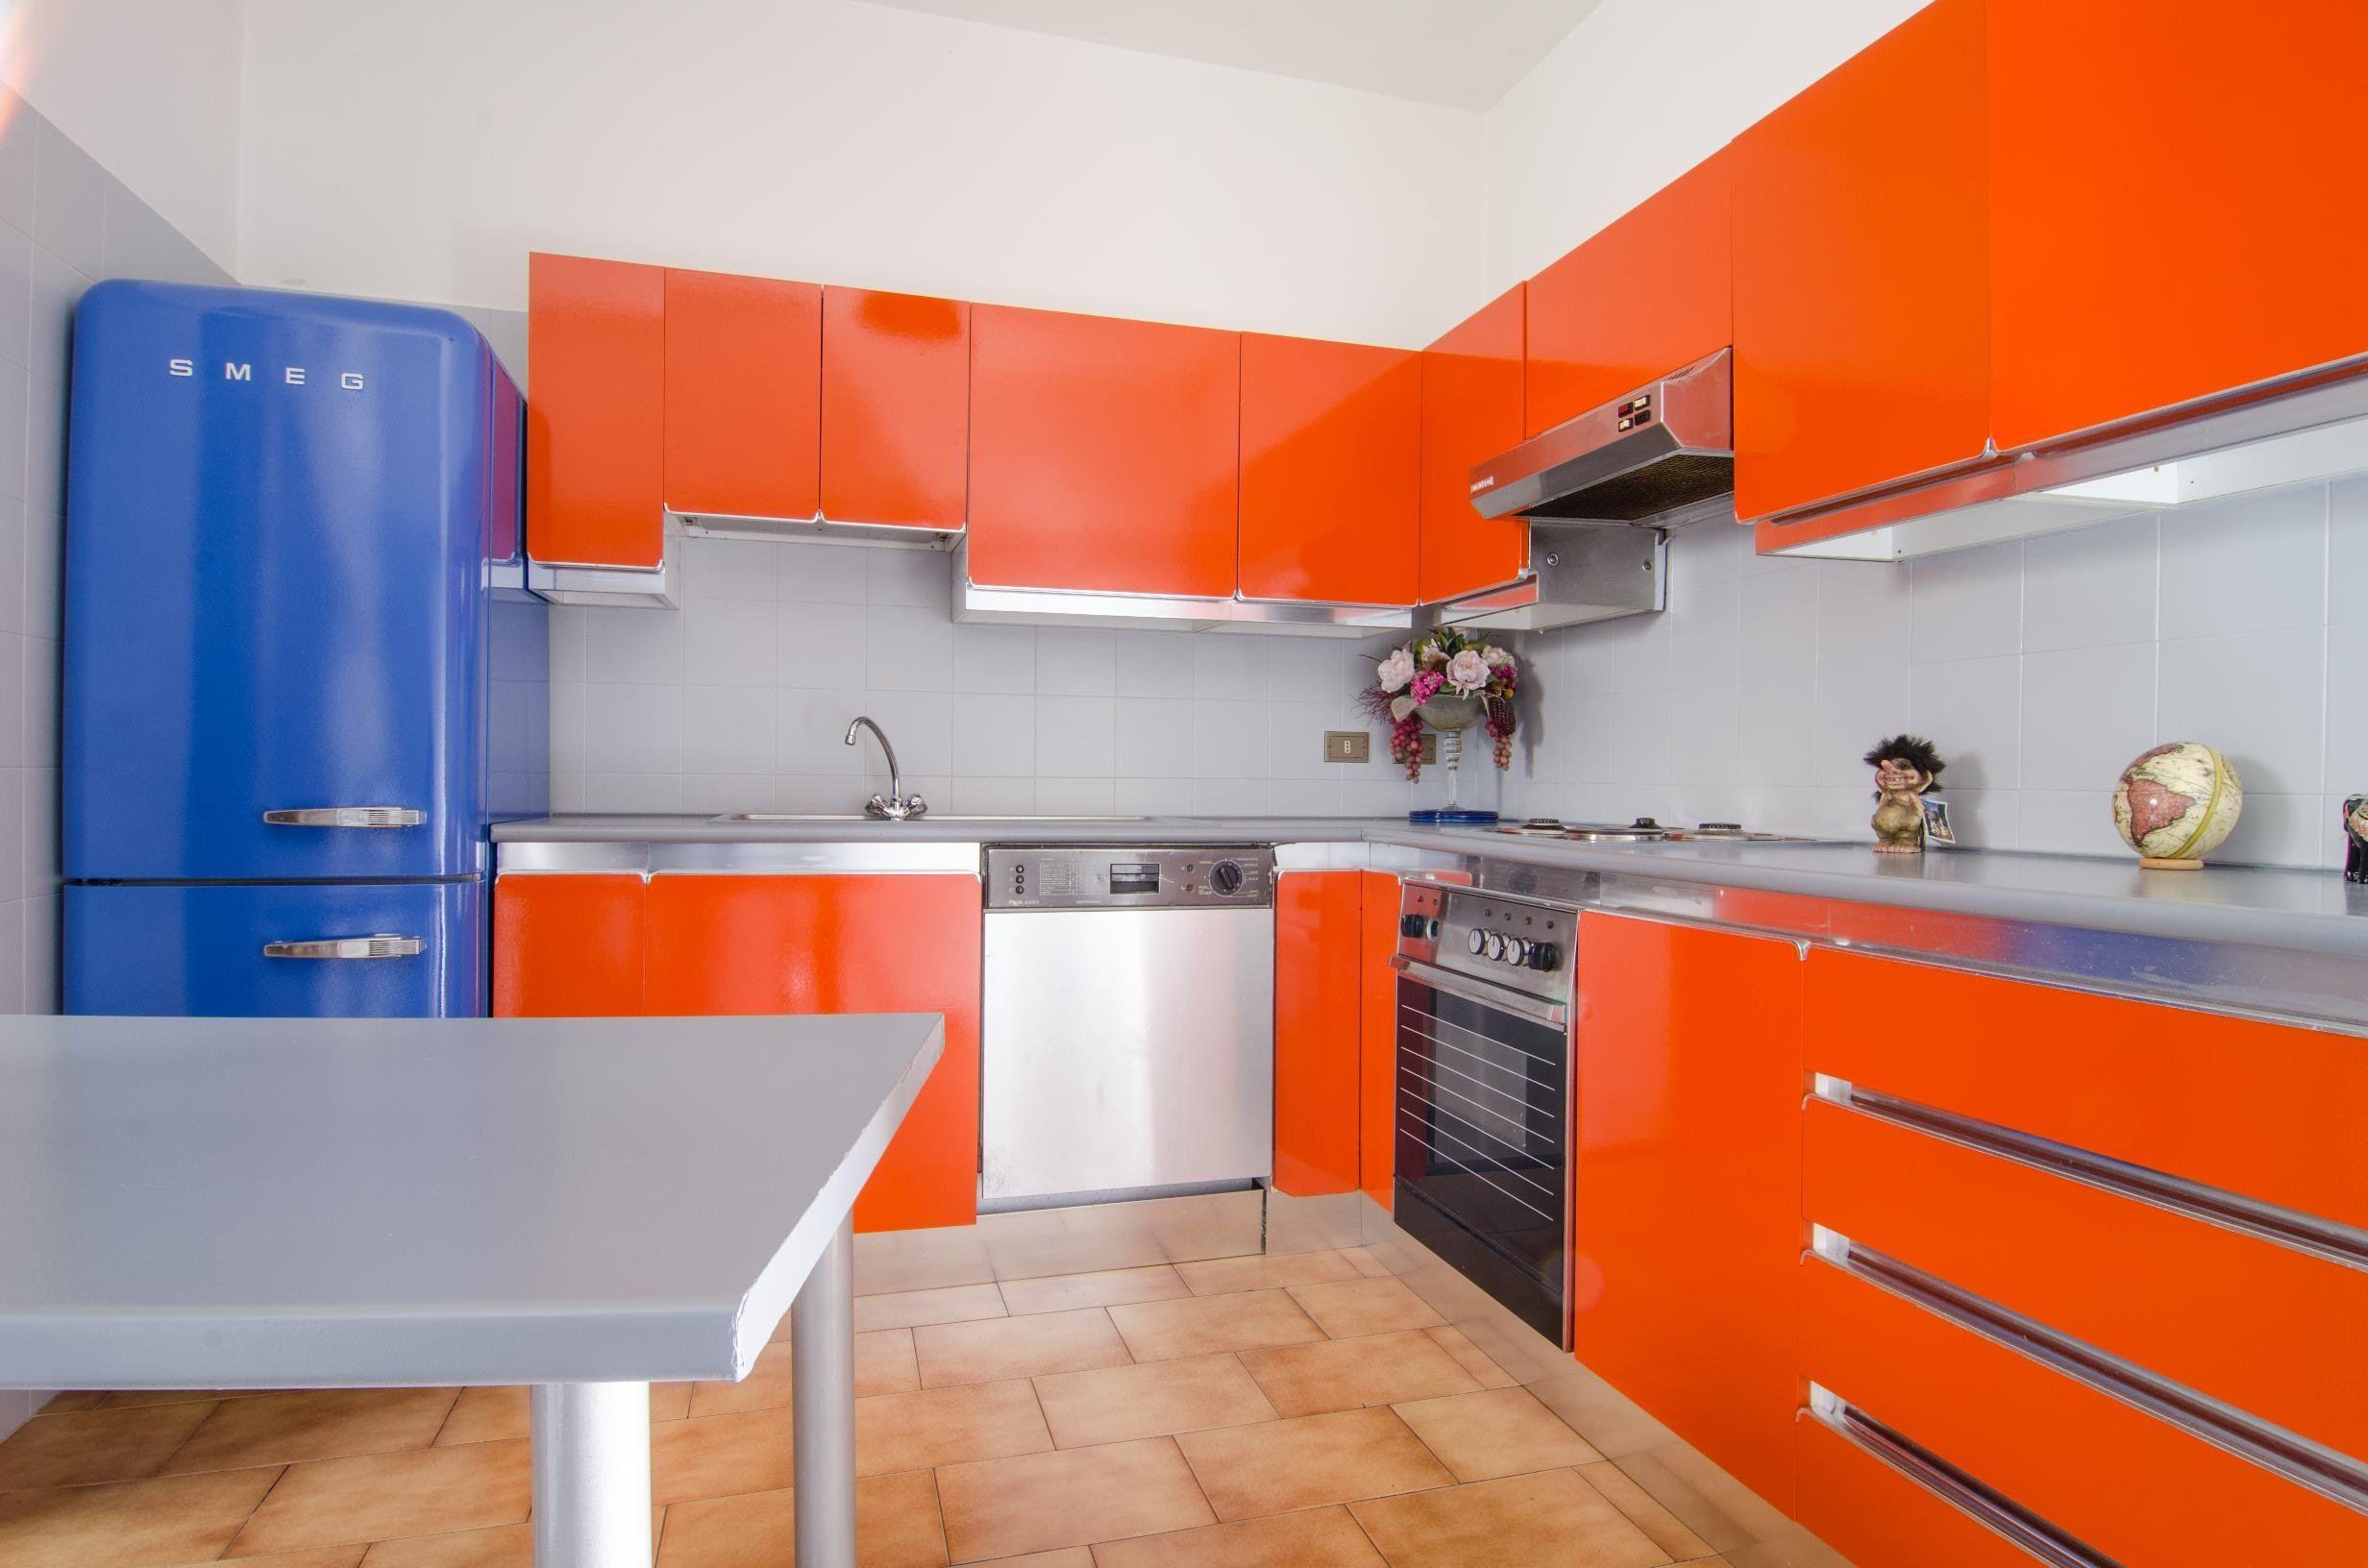 Mobili della cucina laccati o in laminato, formica | riciclo | Pinterest